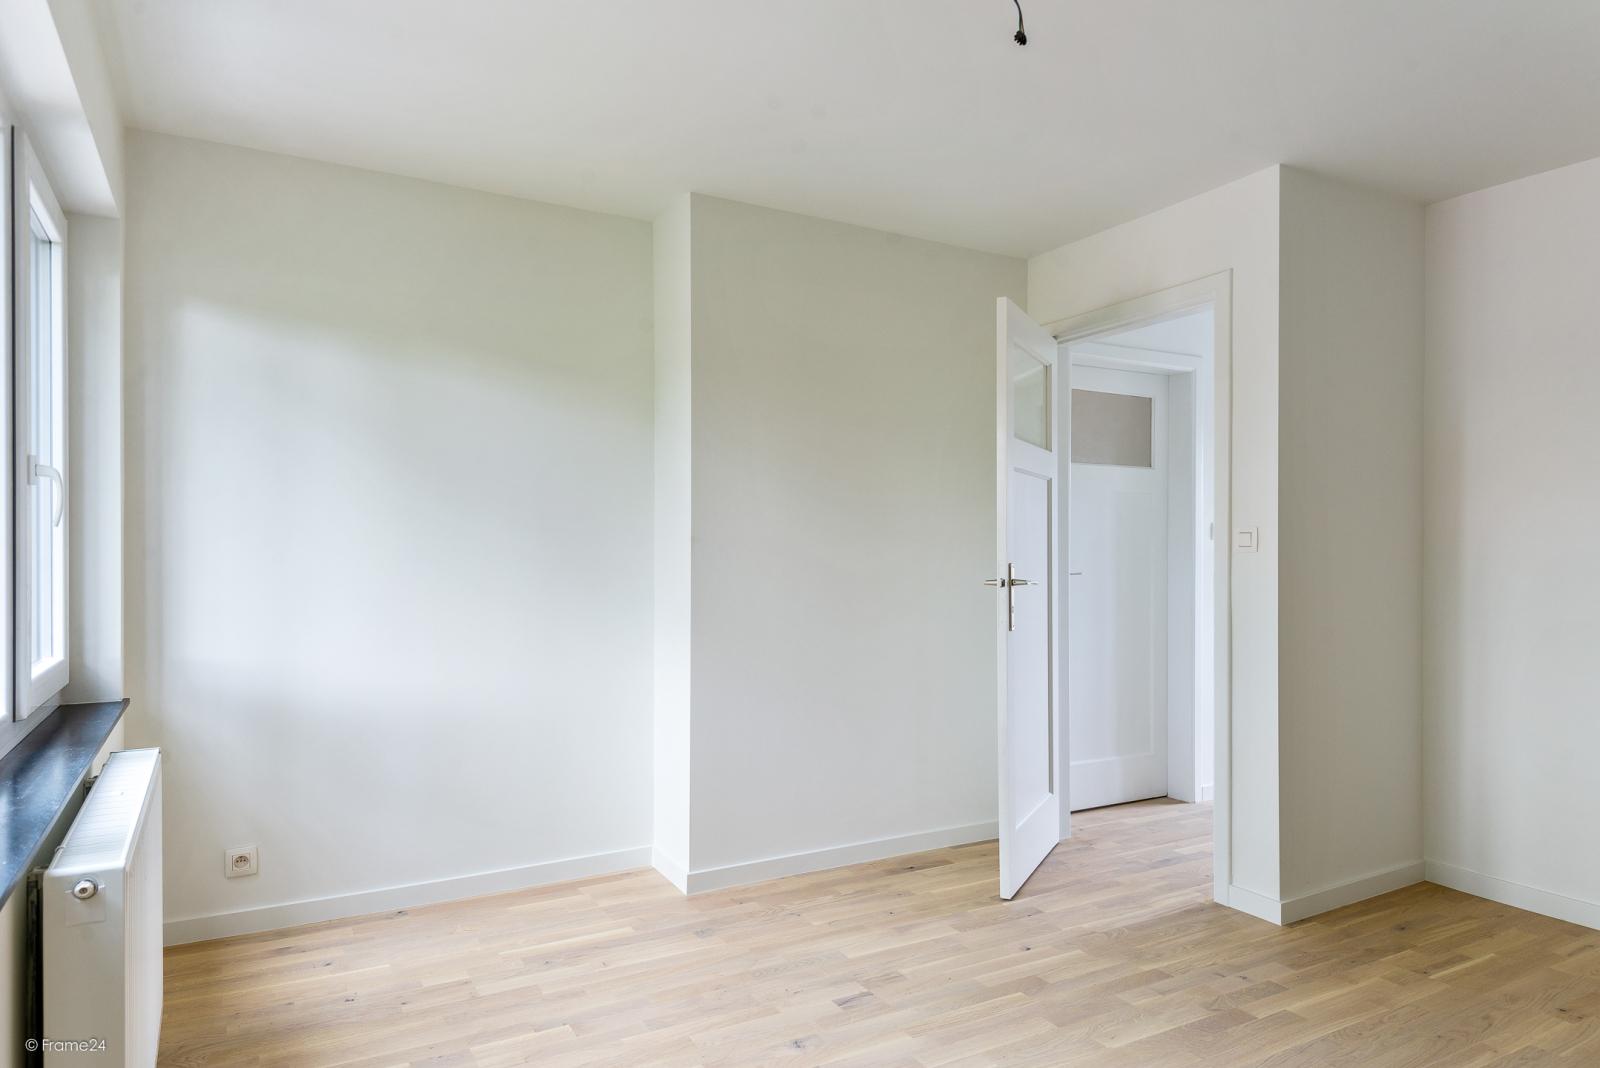 Volledig vernieuwde vrijstaande woning met drie slaapkamers op een hoekperceel van 776 m² te Schilde! afbeelding 14